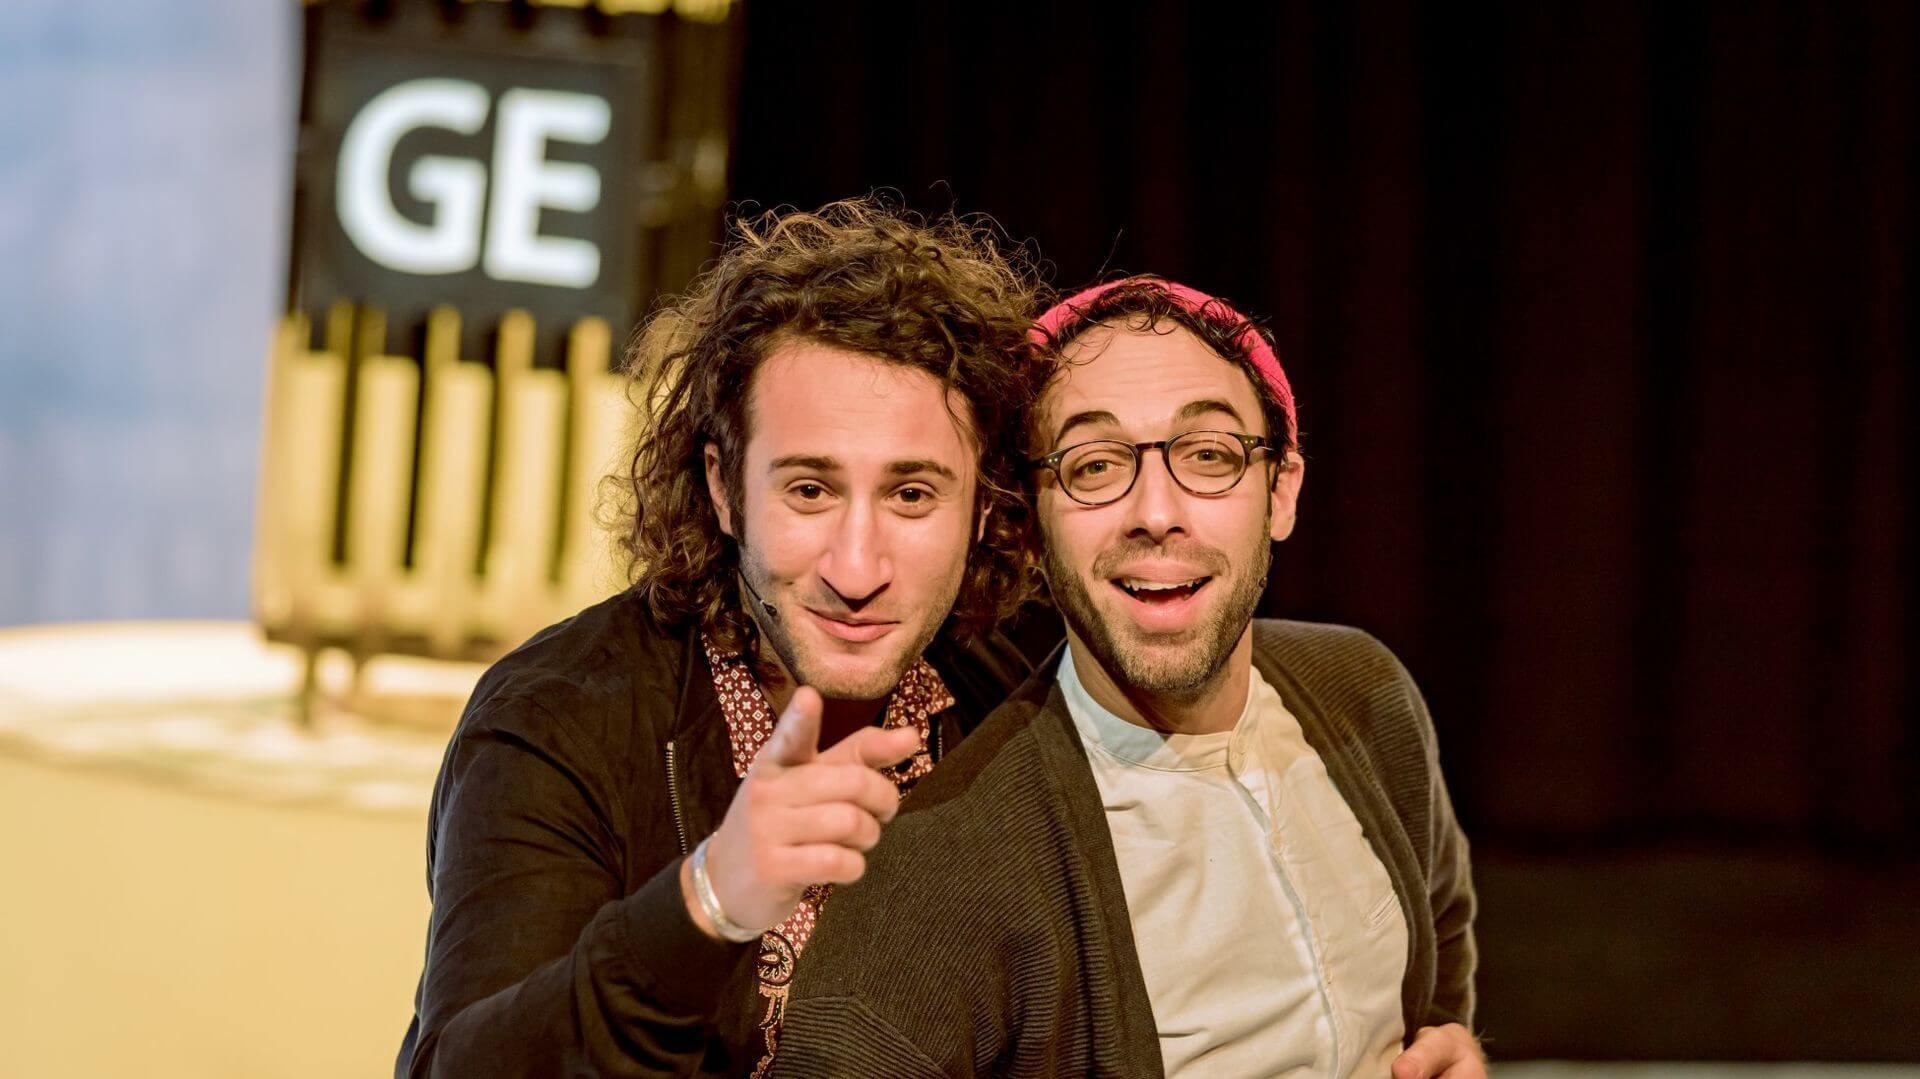 George en Eran worden racisten - Foto Yalper Productions